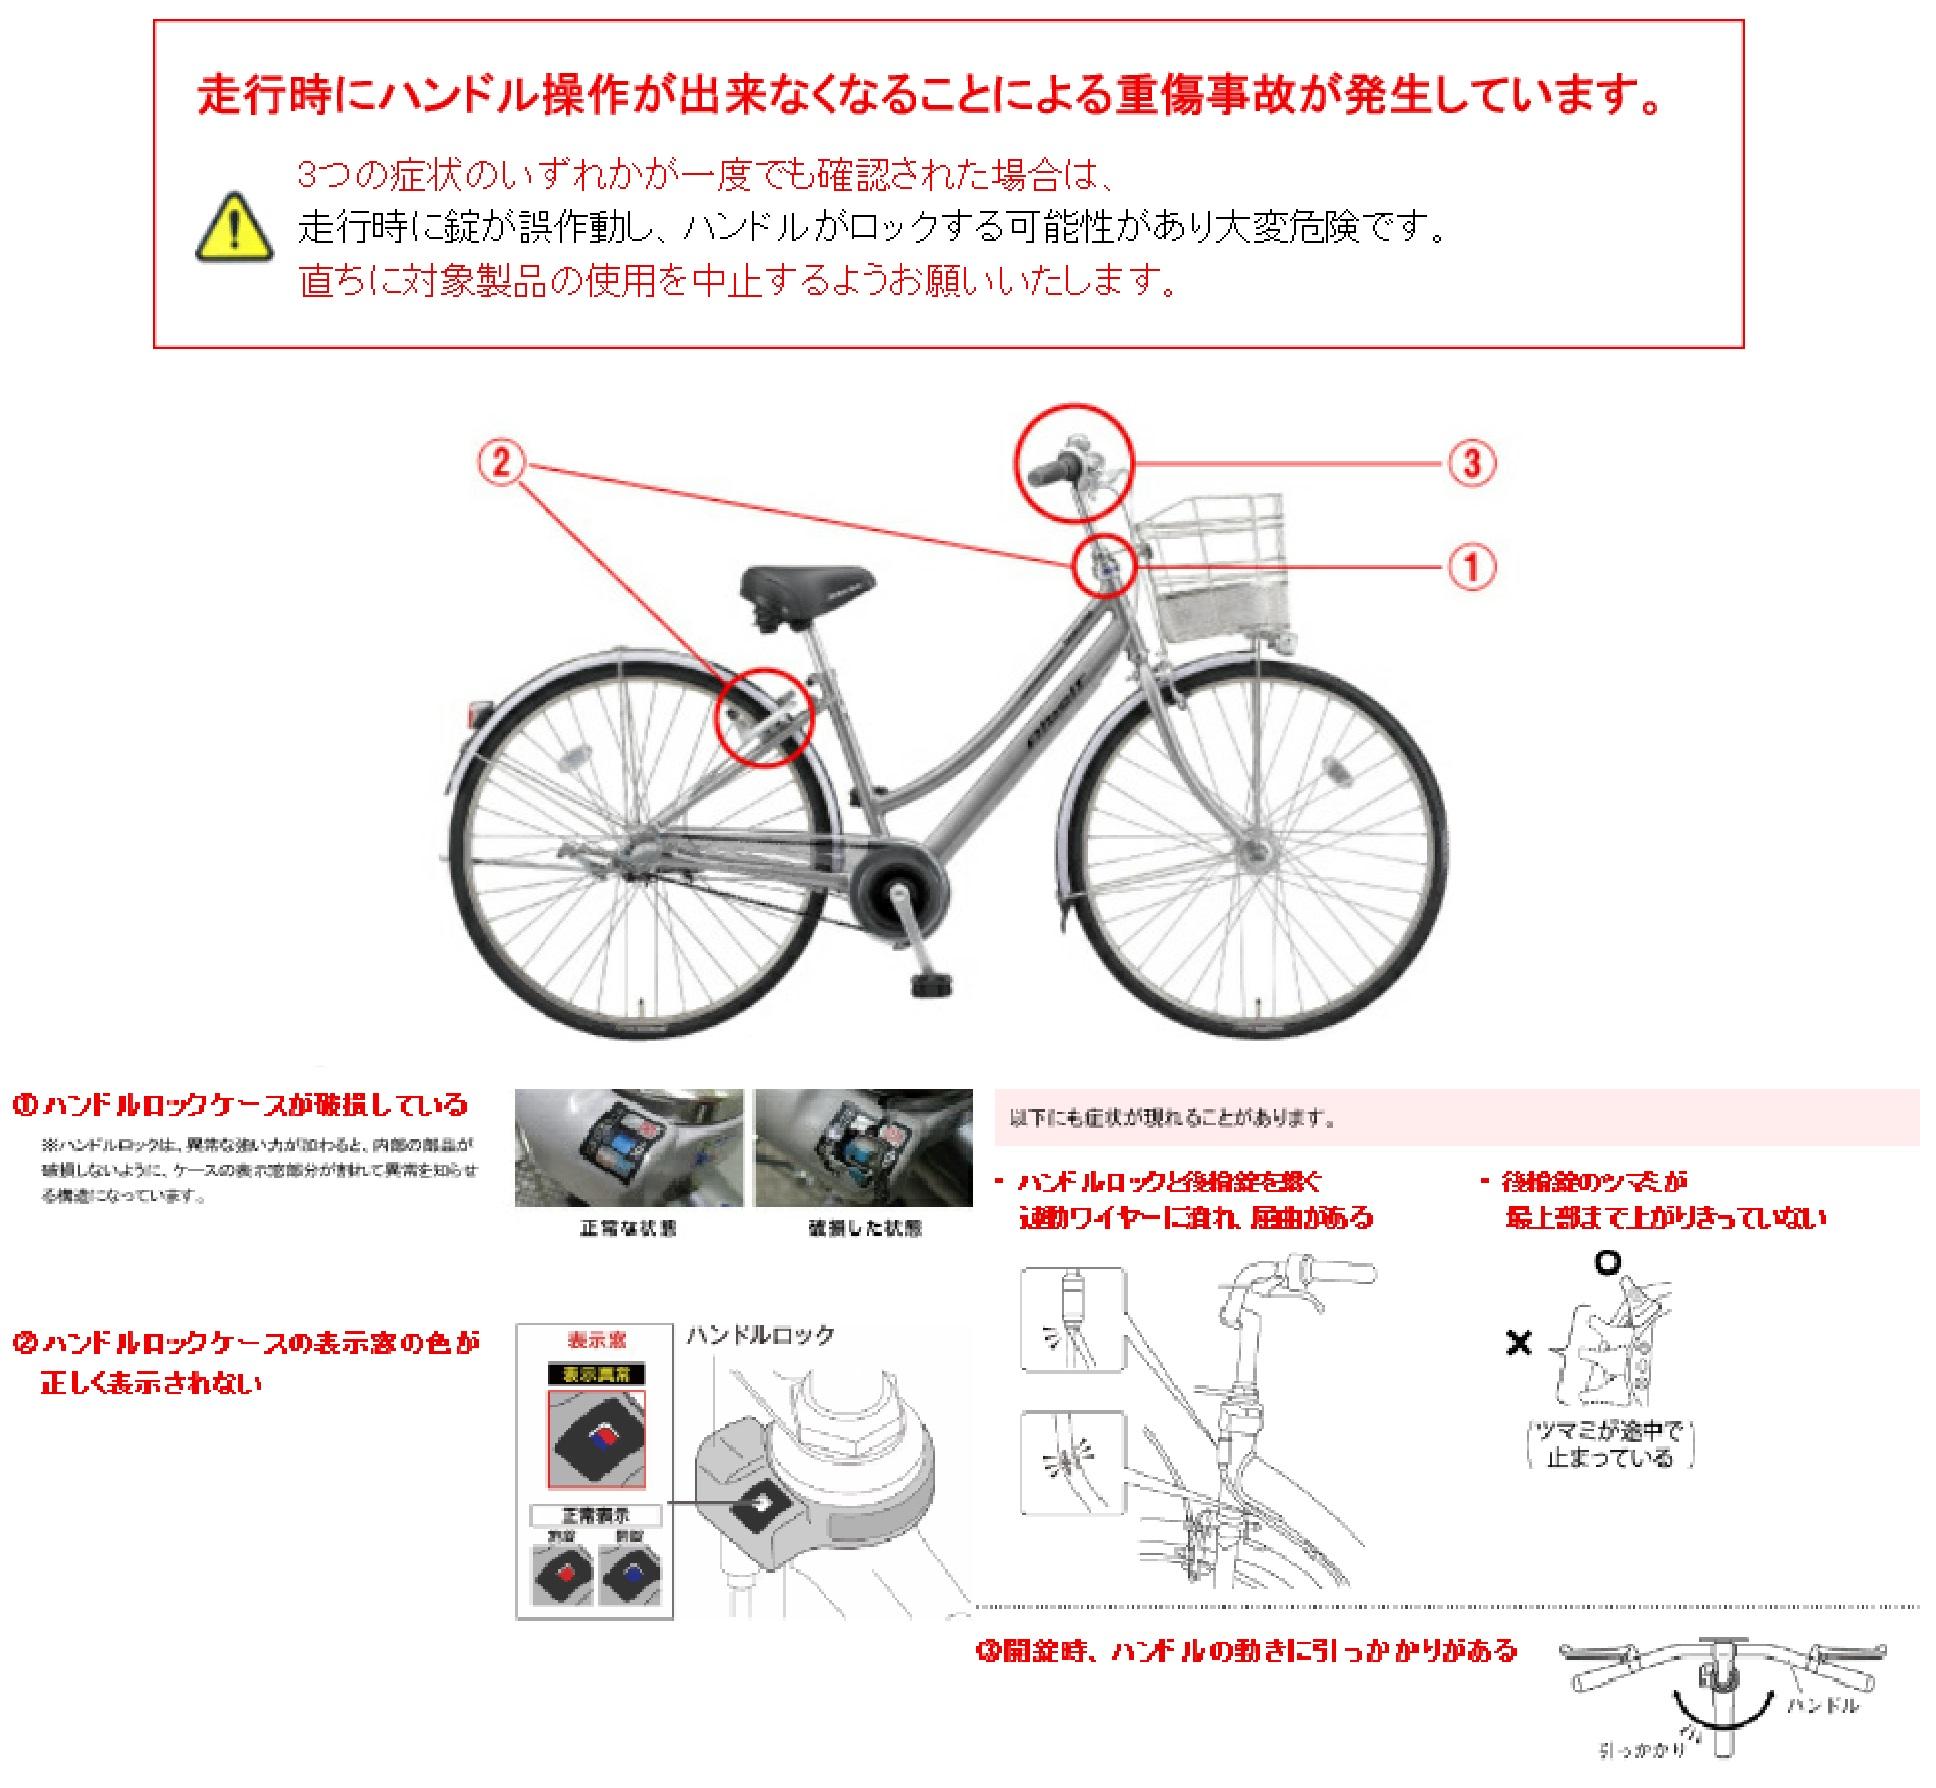 電動 リコール ブリジストン 自転車 ヤマハ・ブリヂストン・丸石 電動自転車バッテリーにリコール【バッテリー無償交換のお知らせ】